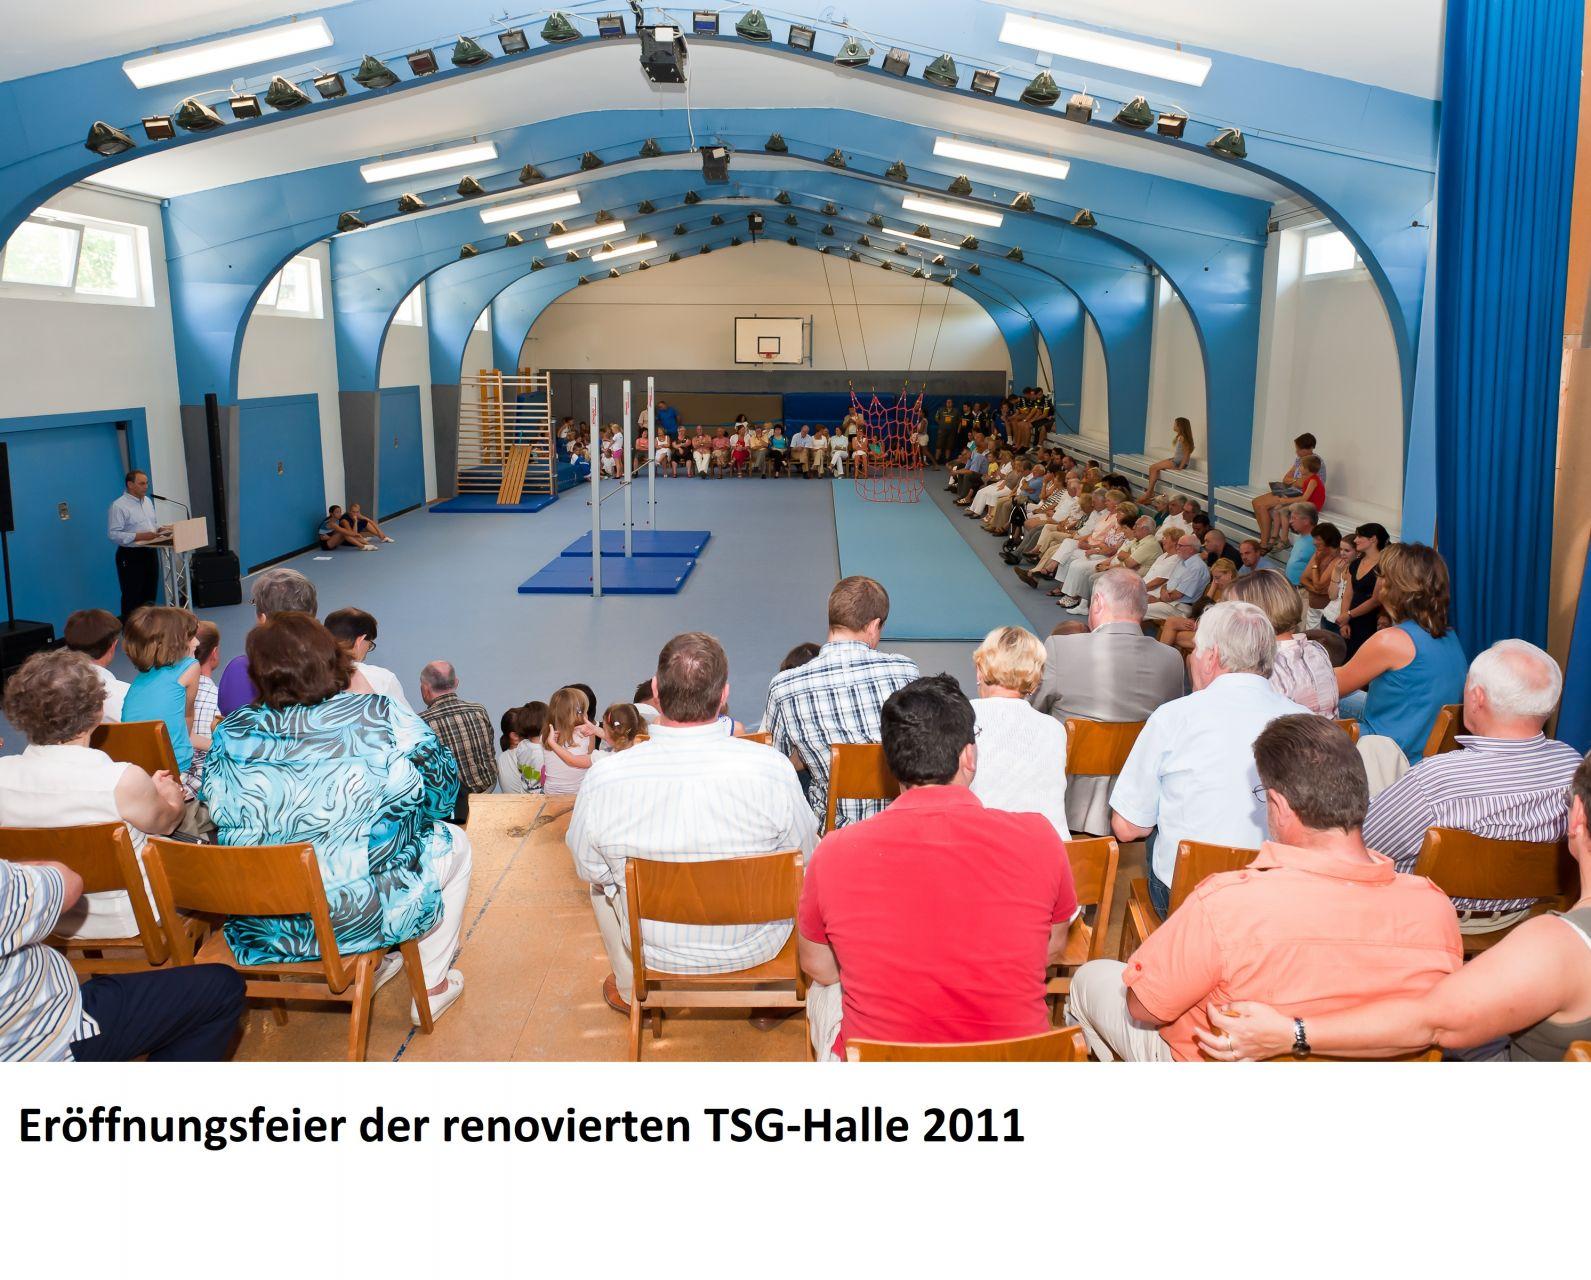 tsg_halle_2011-mit-untertitel